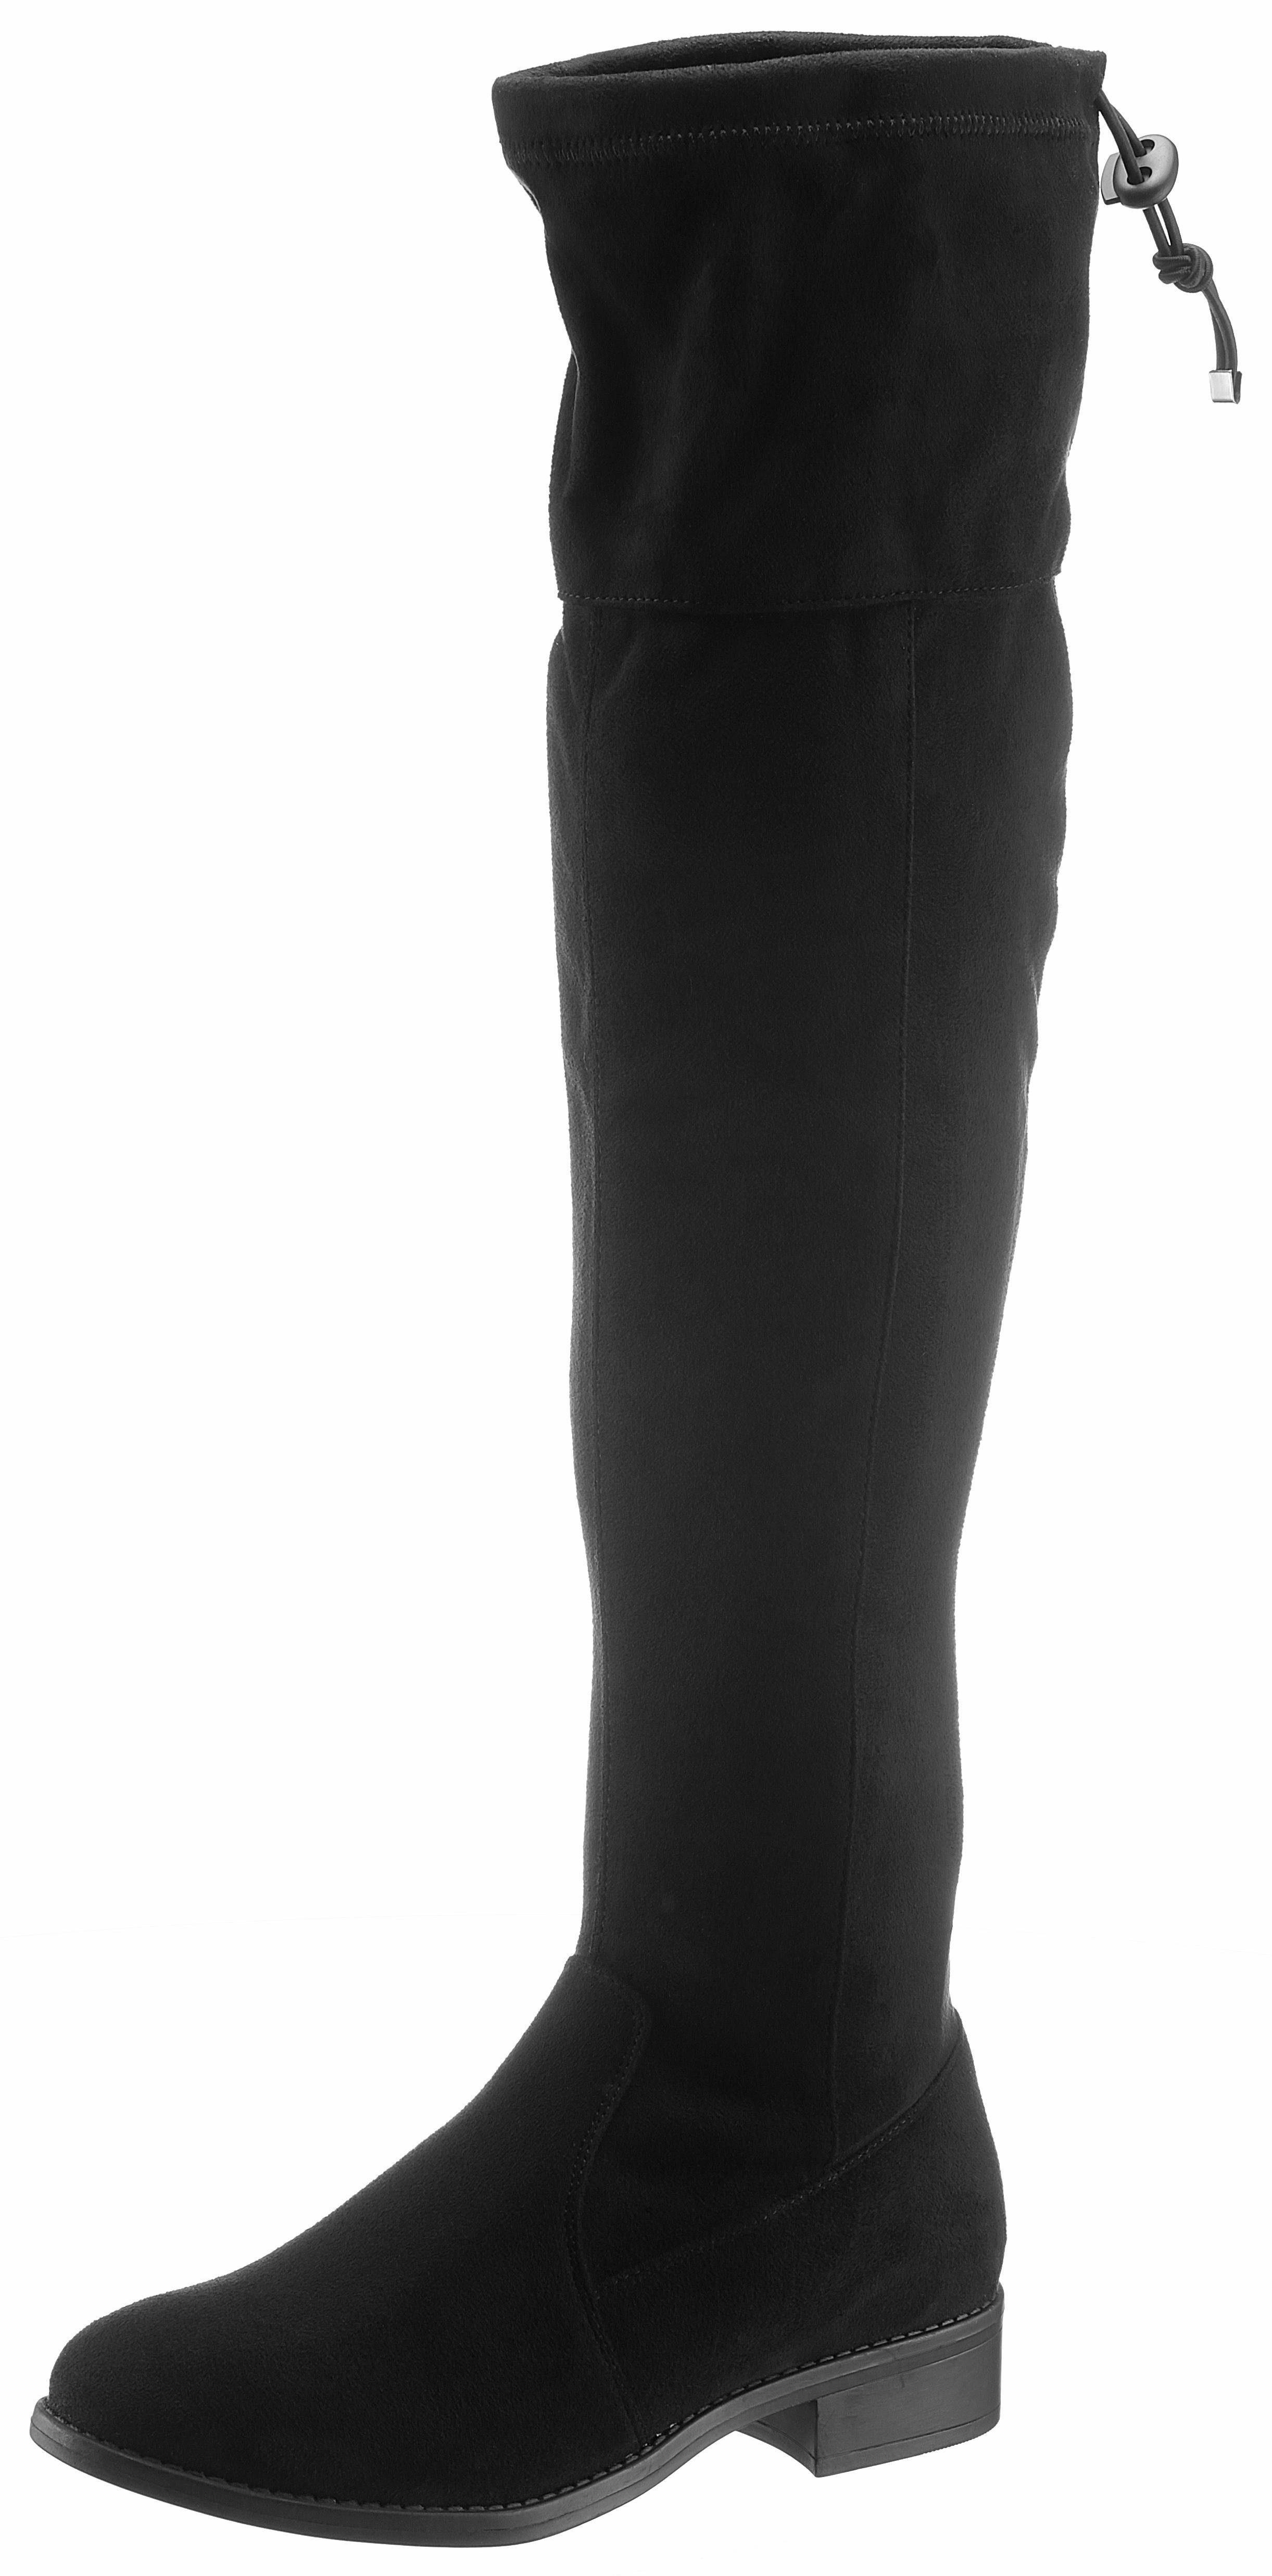 CITY WALK Overkneestiefel, in klassischer Form  schwarz